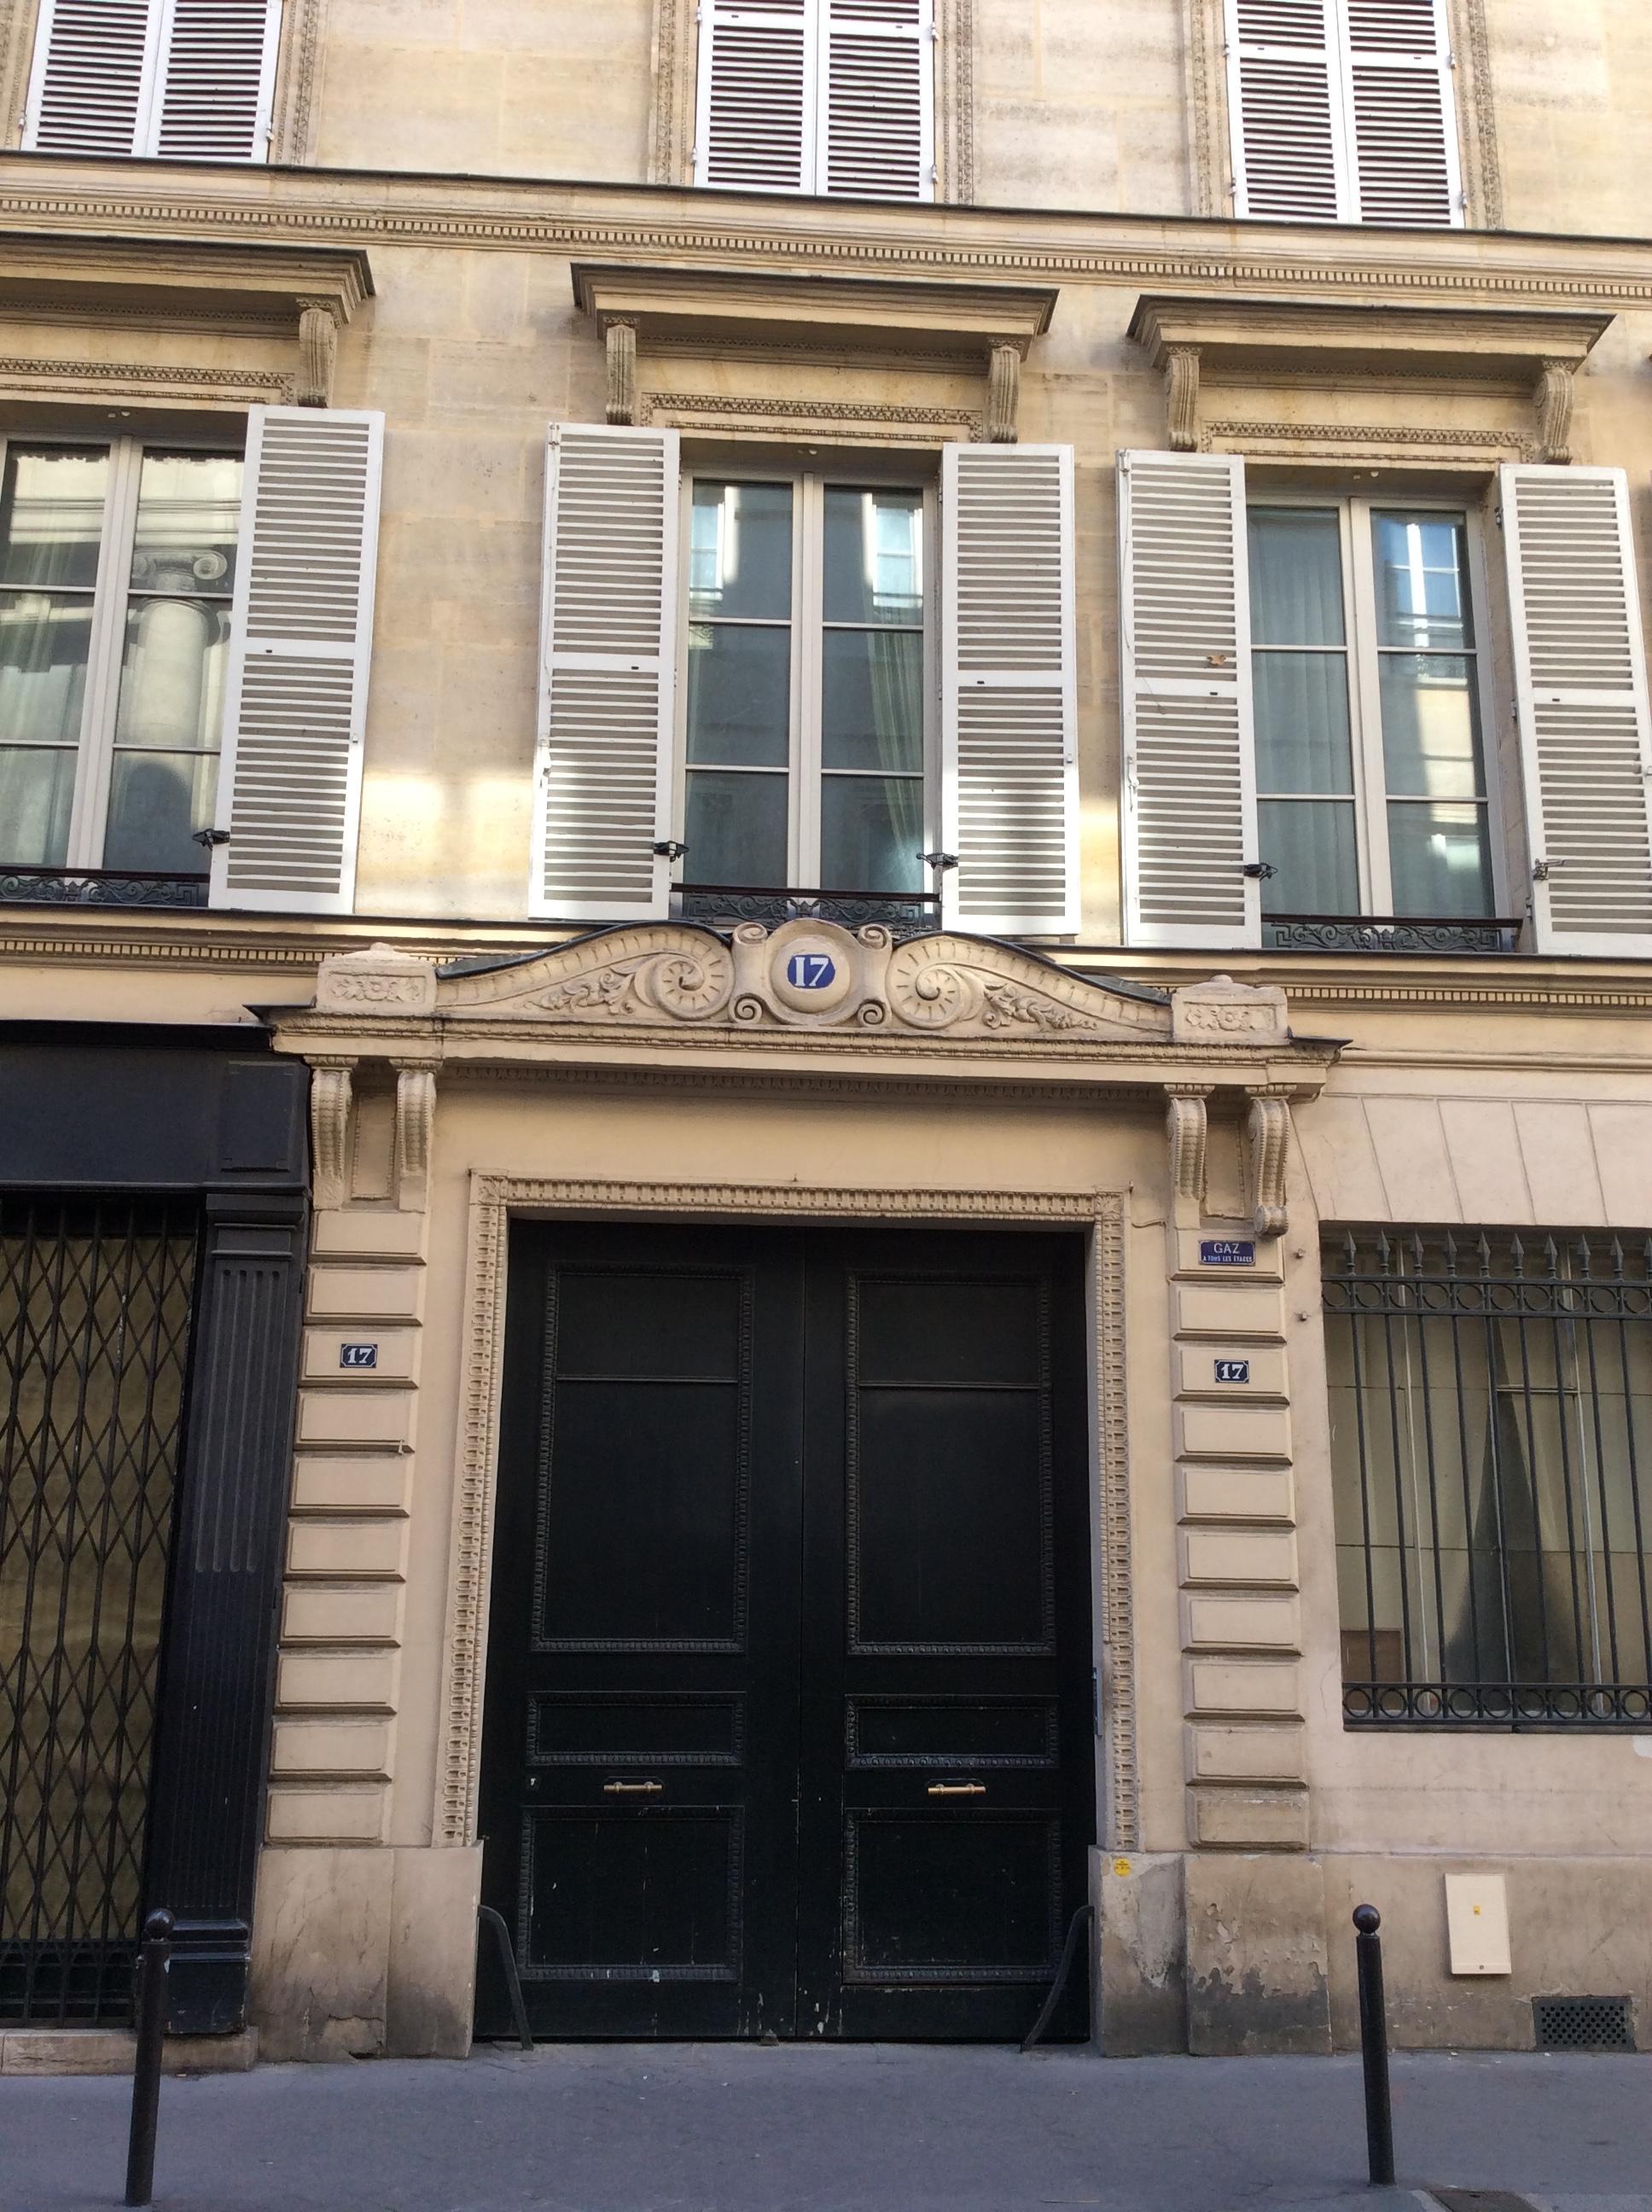 Extraordinary hotel porte orleans paris options - Porte de orleans paris ...